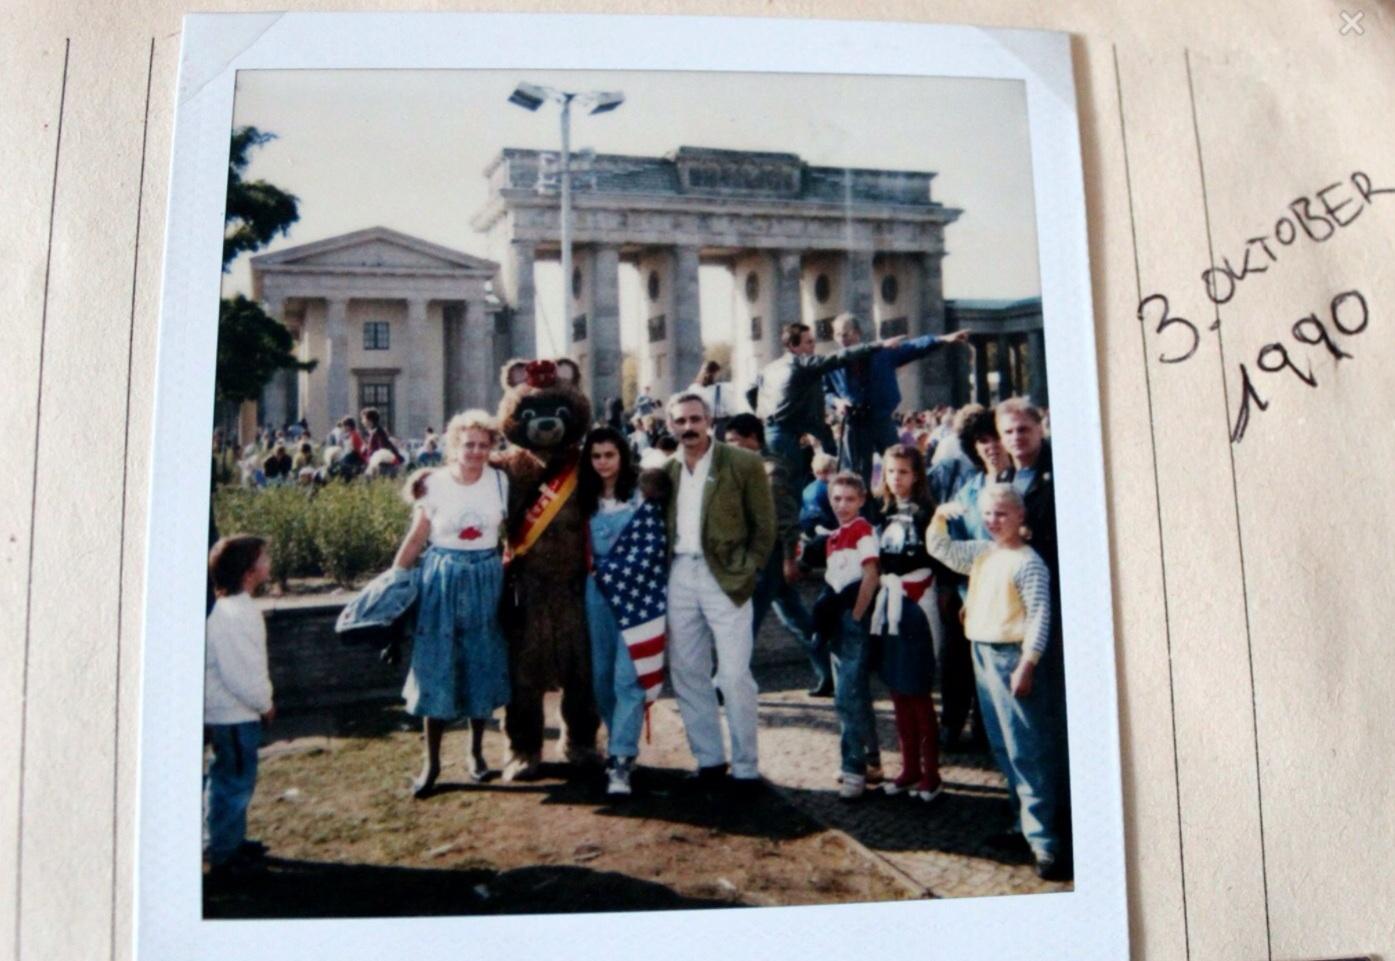 Ystäväni perheensä kanssa Brandenburgin portilla vuosi muurin murtumisen jälkeen, Saksojen yhdistymisen juhlassa.